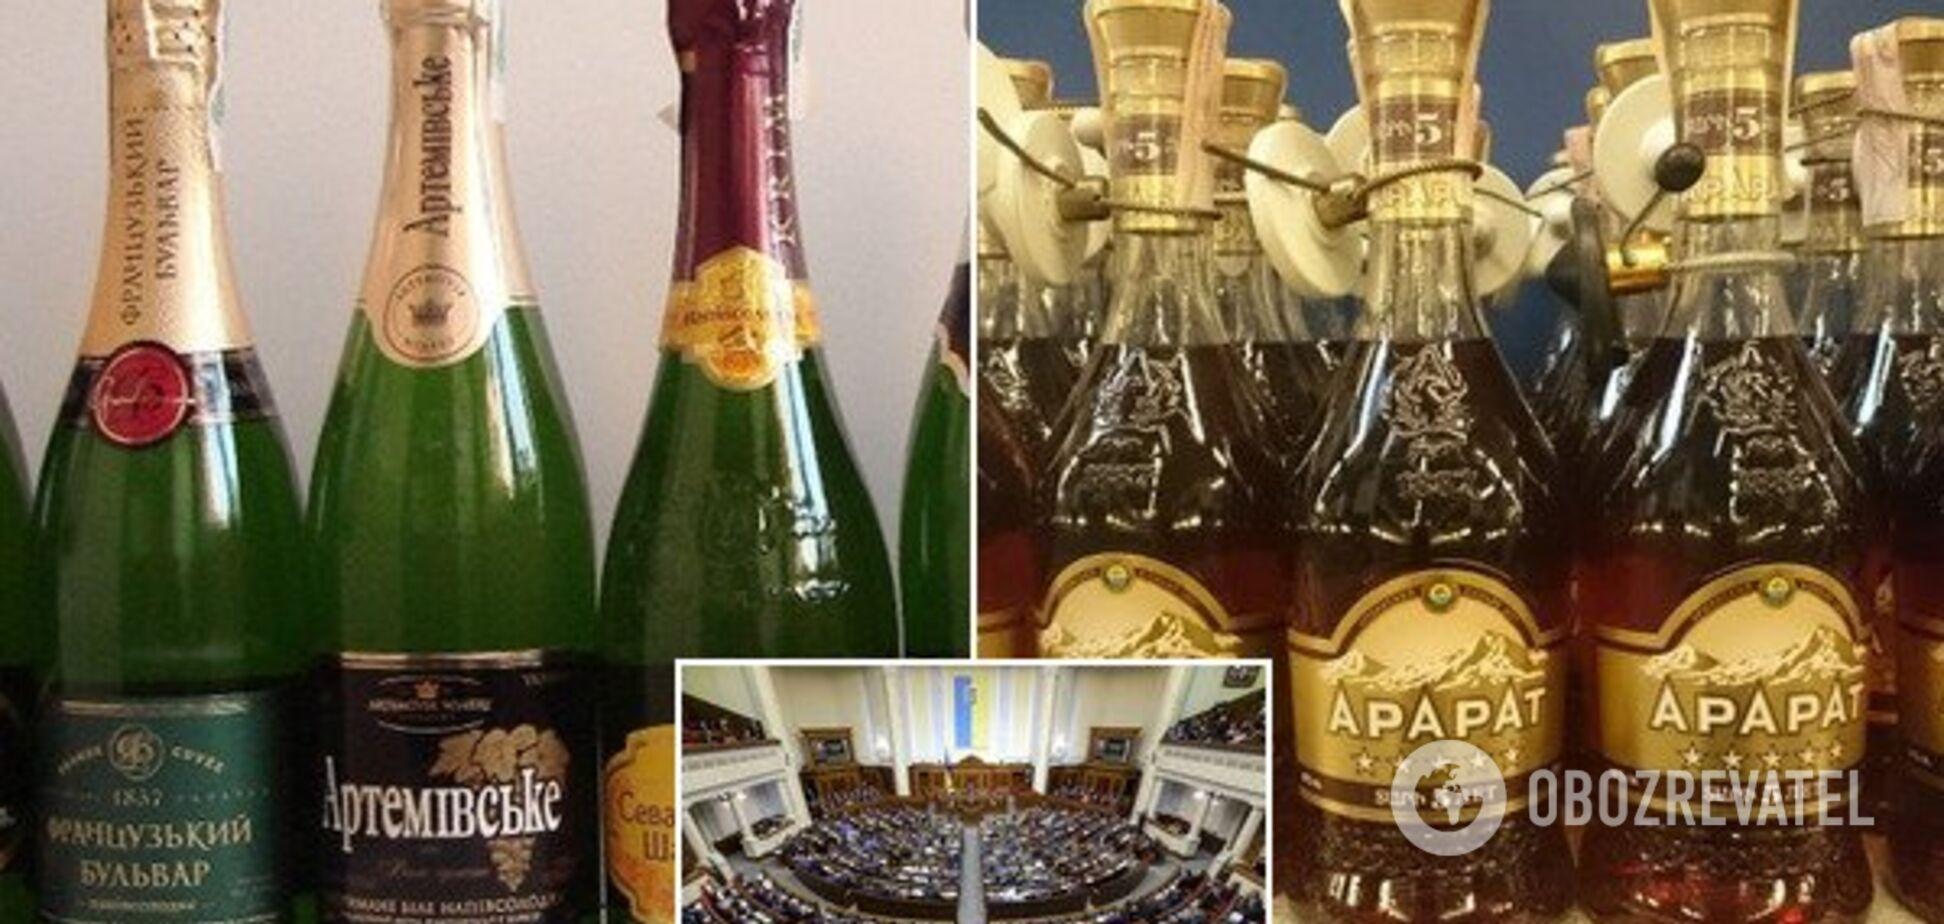 В Україні заборонять назви 'шампанське' і 'коньяк': чого чекати і кому це може нашкодити